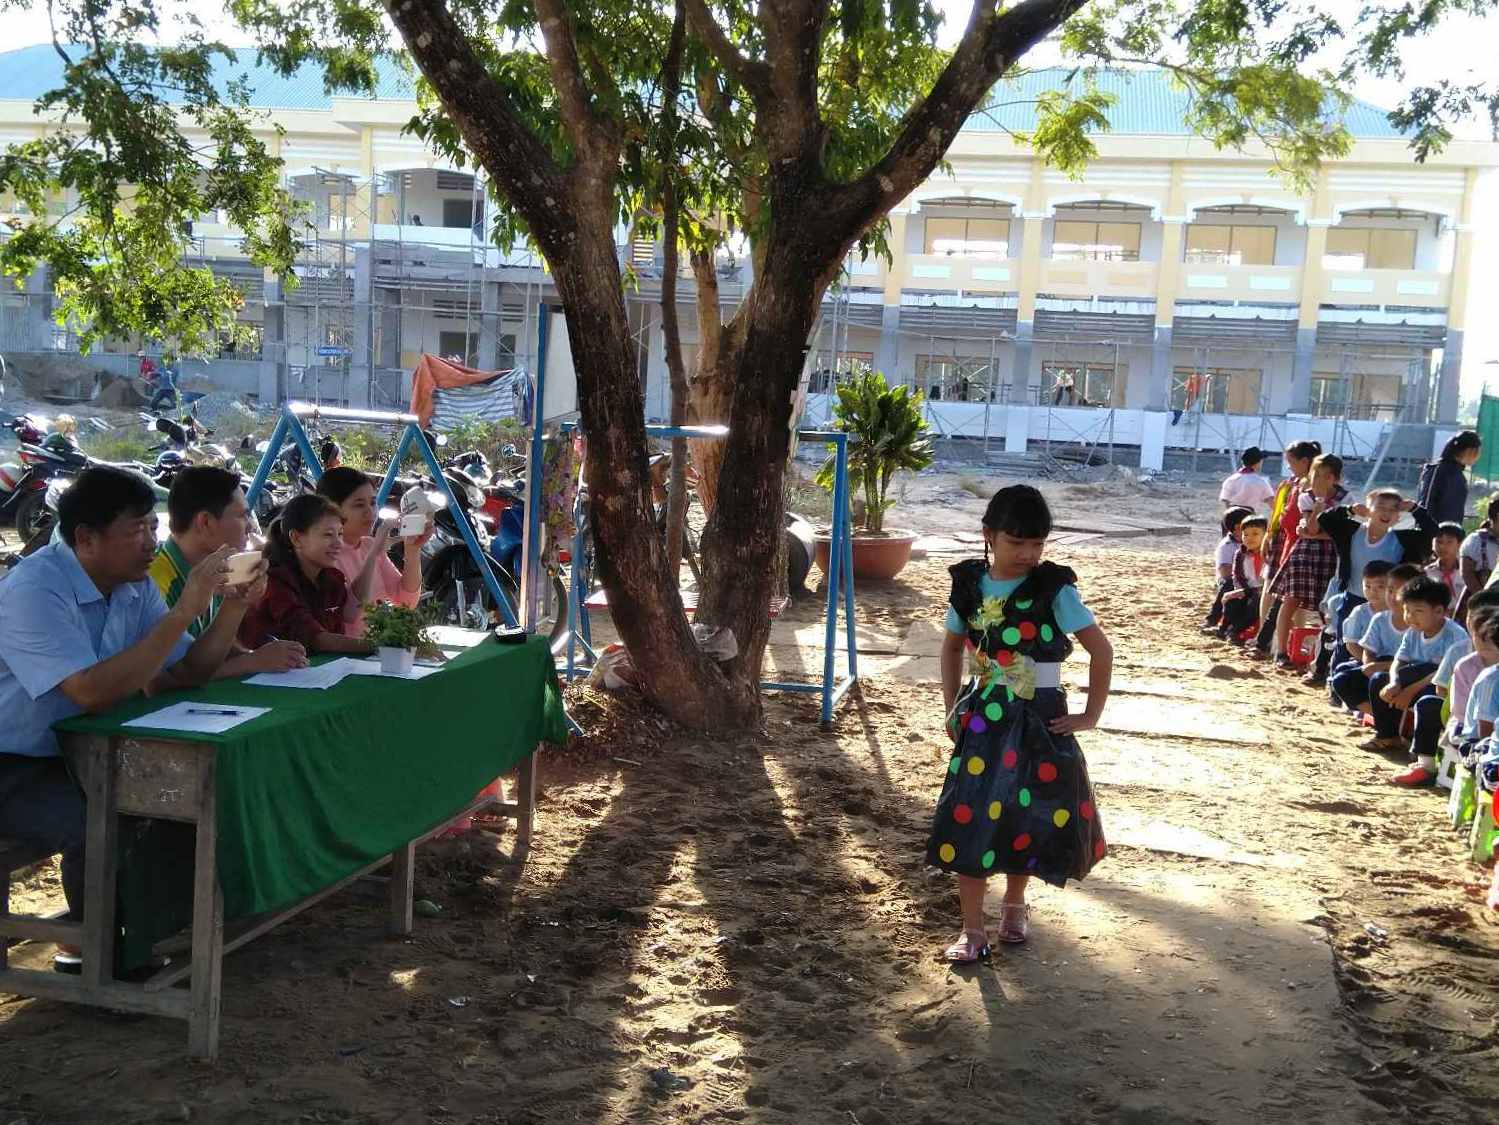 Học sinh lớp 3/3 Nguyễn Ngọc Trâm Anh biểu diễn với trang phục làm từ Nilong và giấy rất là đẹp và tự tin.